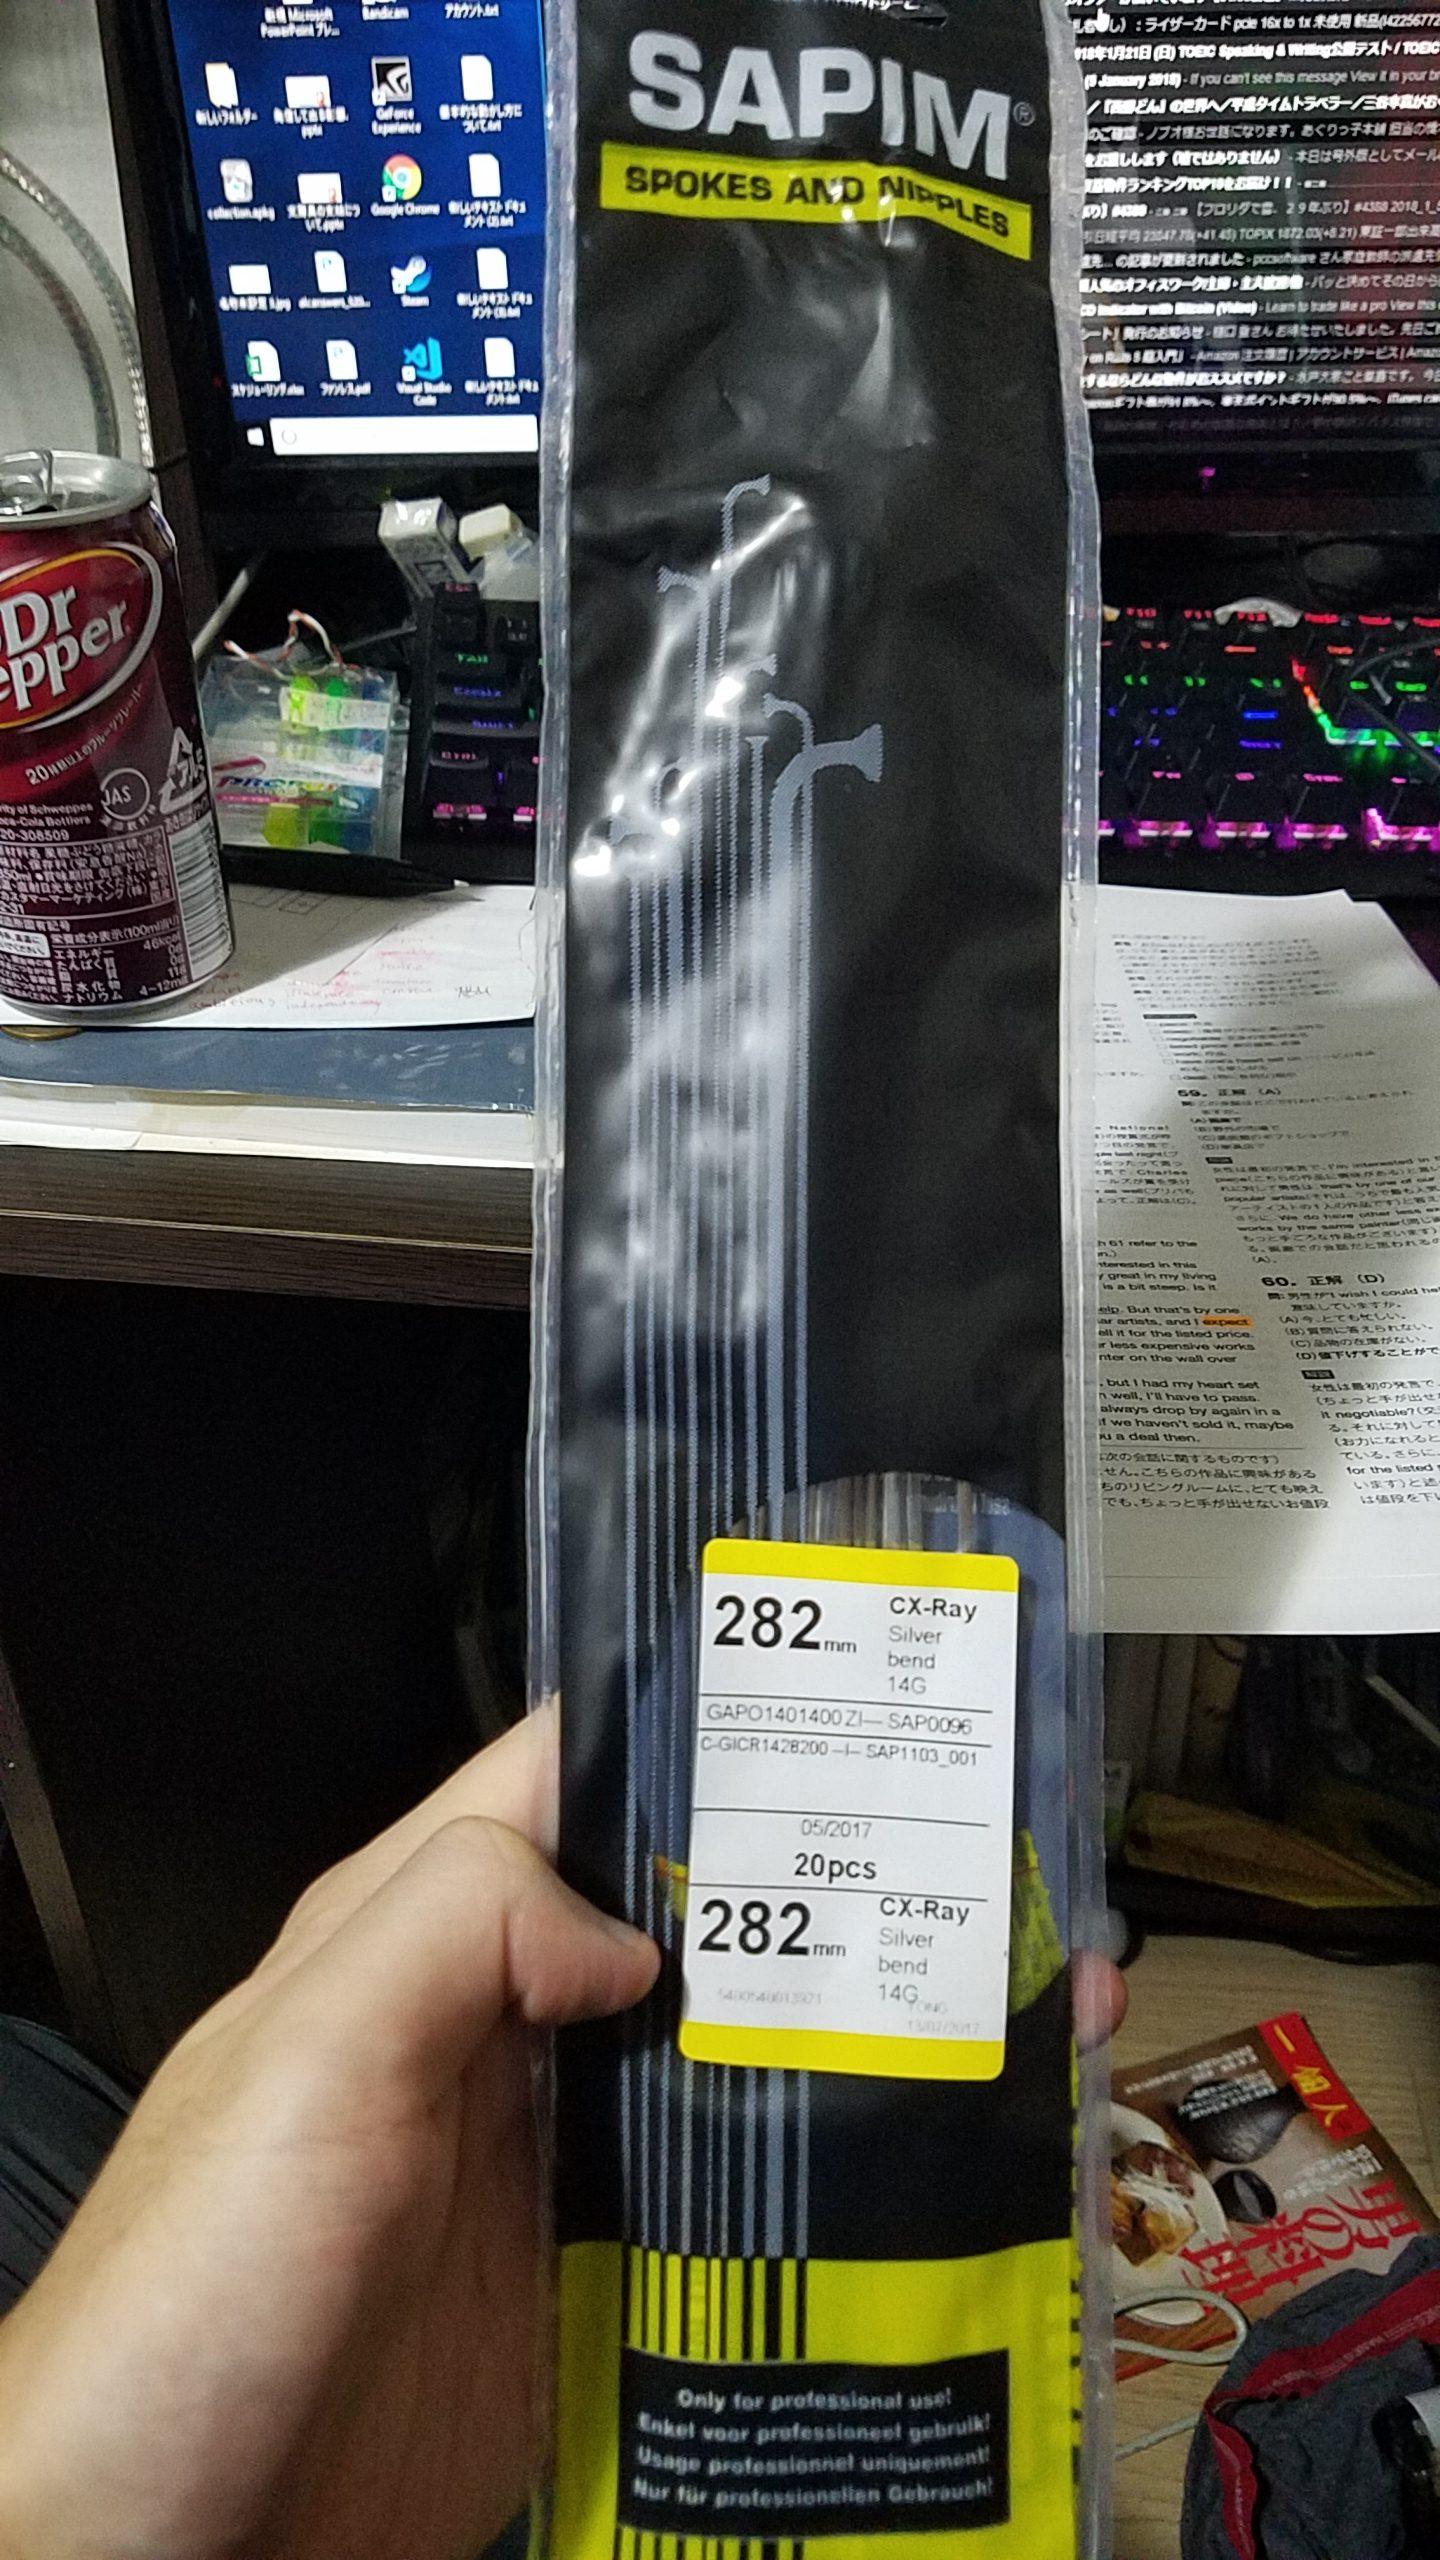 sapimcx-rayというスポークを買った